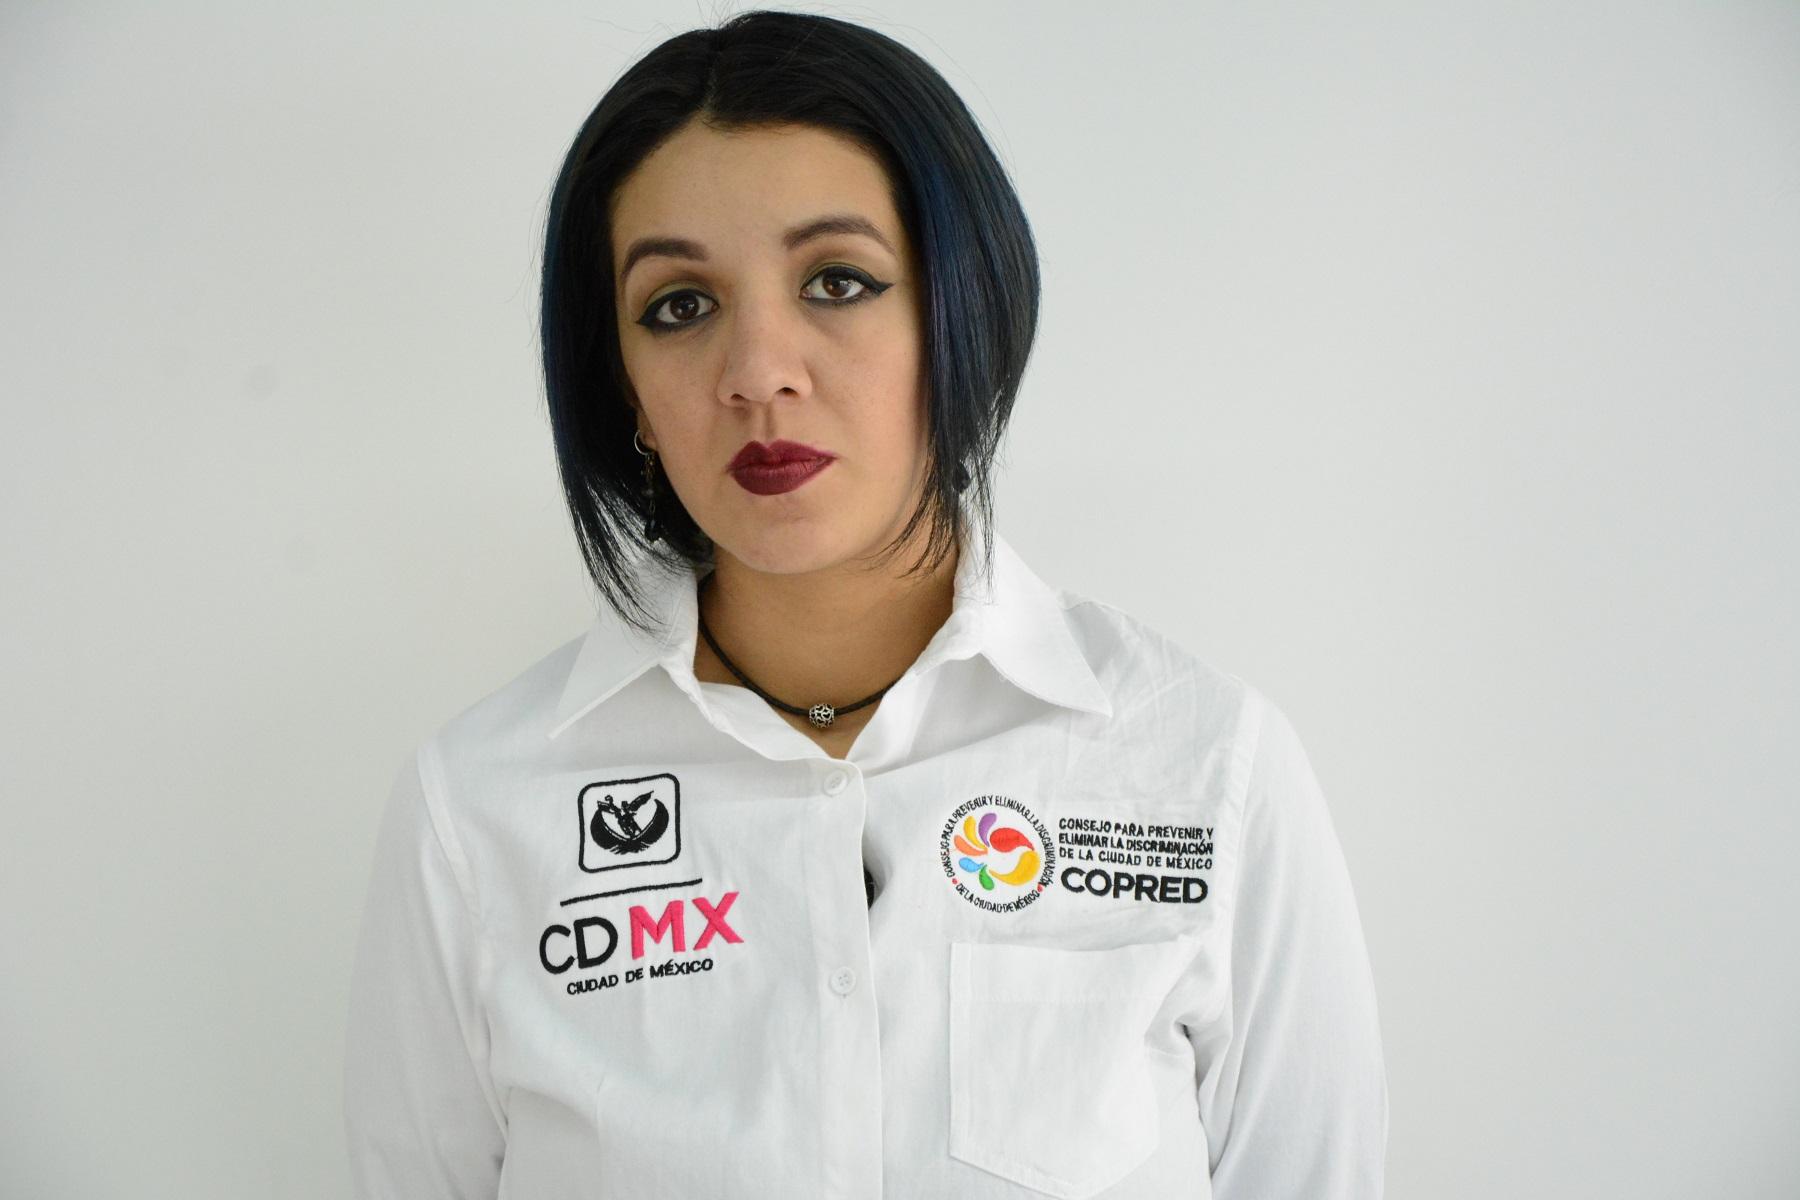 Abril Ariadna Sasai Bonifaz Tamayo